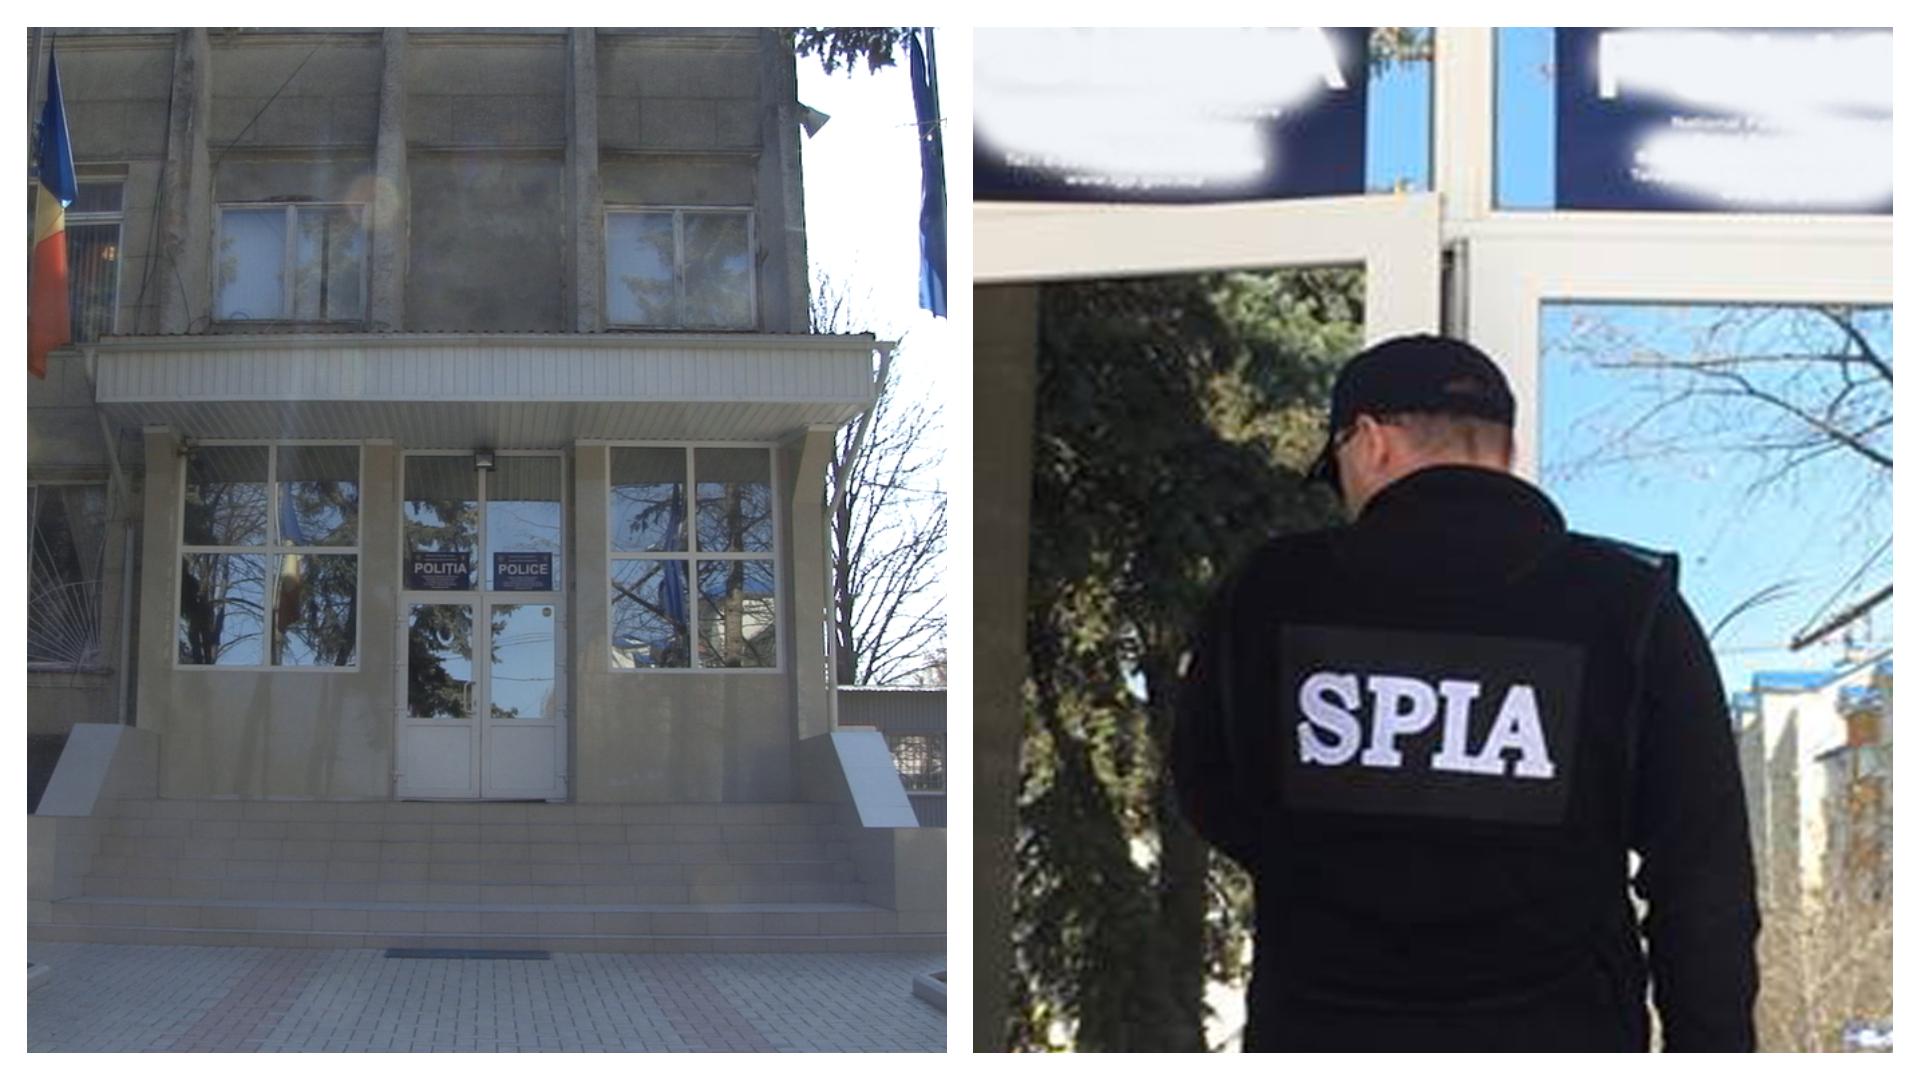 FOTO | Schemă corupțională cu implicarea angajaților INP deconspirată de ofițerii SPIA și procurorii anticorupție